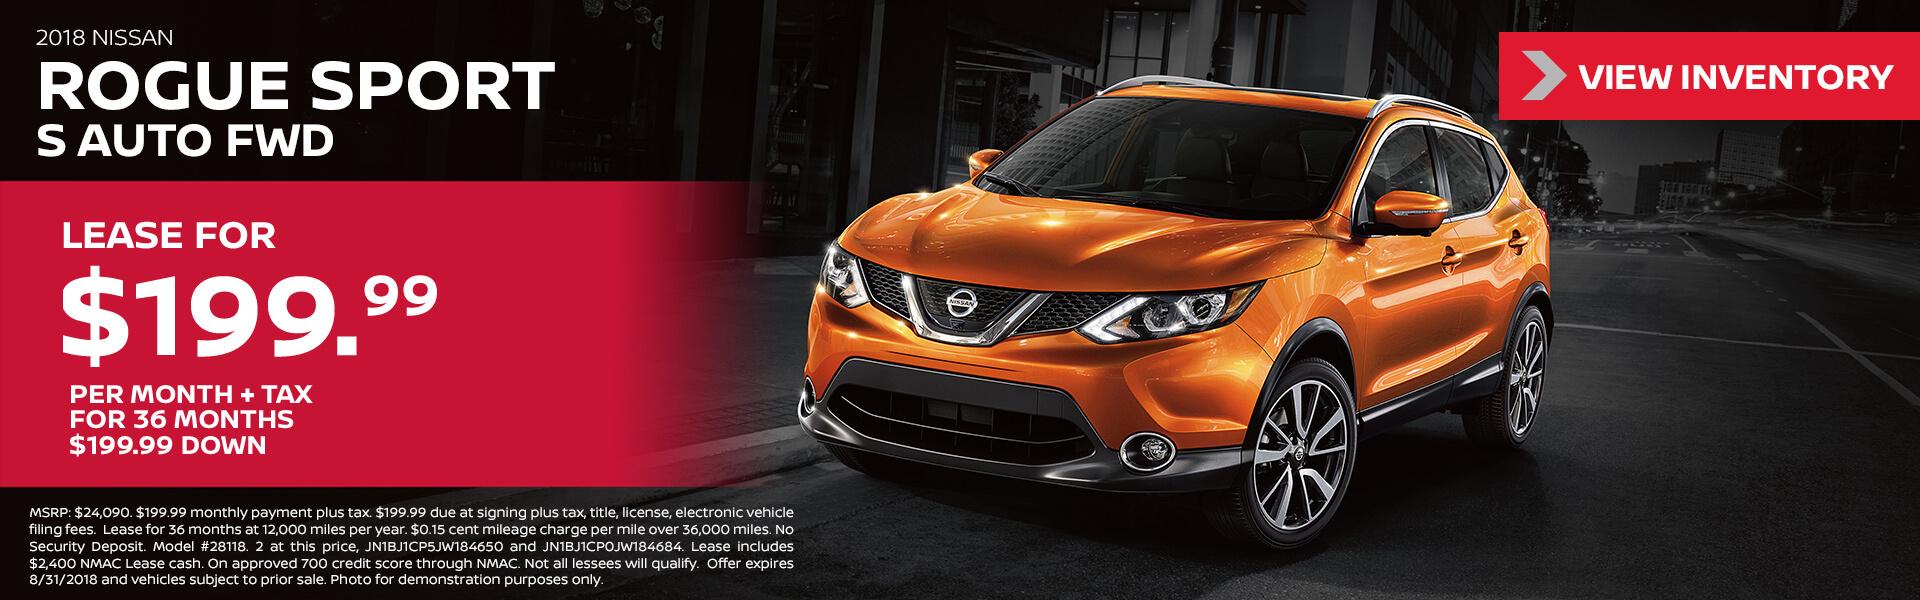 2018 Nissan Rogue Sport $199.99